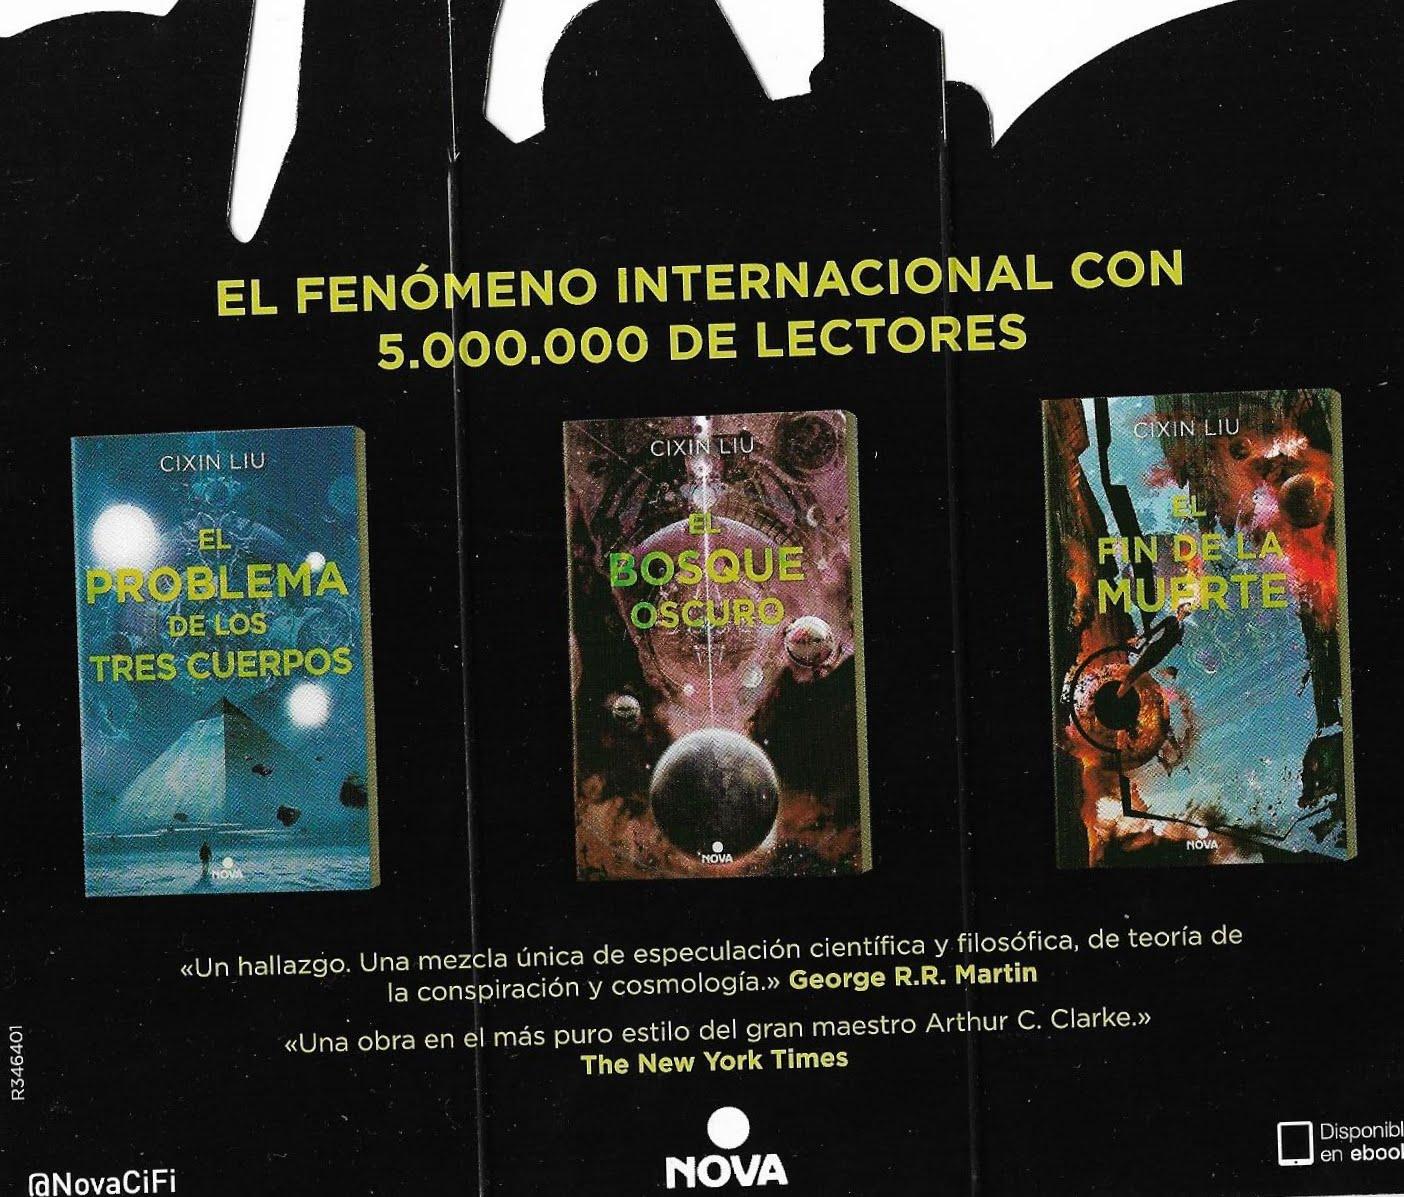 ... editar el segundo volumen de la Trilogía de los Tres Cuerpos, El Bosque  Oscuro. Si os fijáis, el trítico reproduce las tres portadas de los libros,  ...